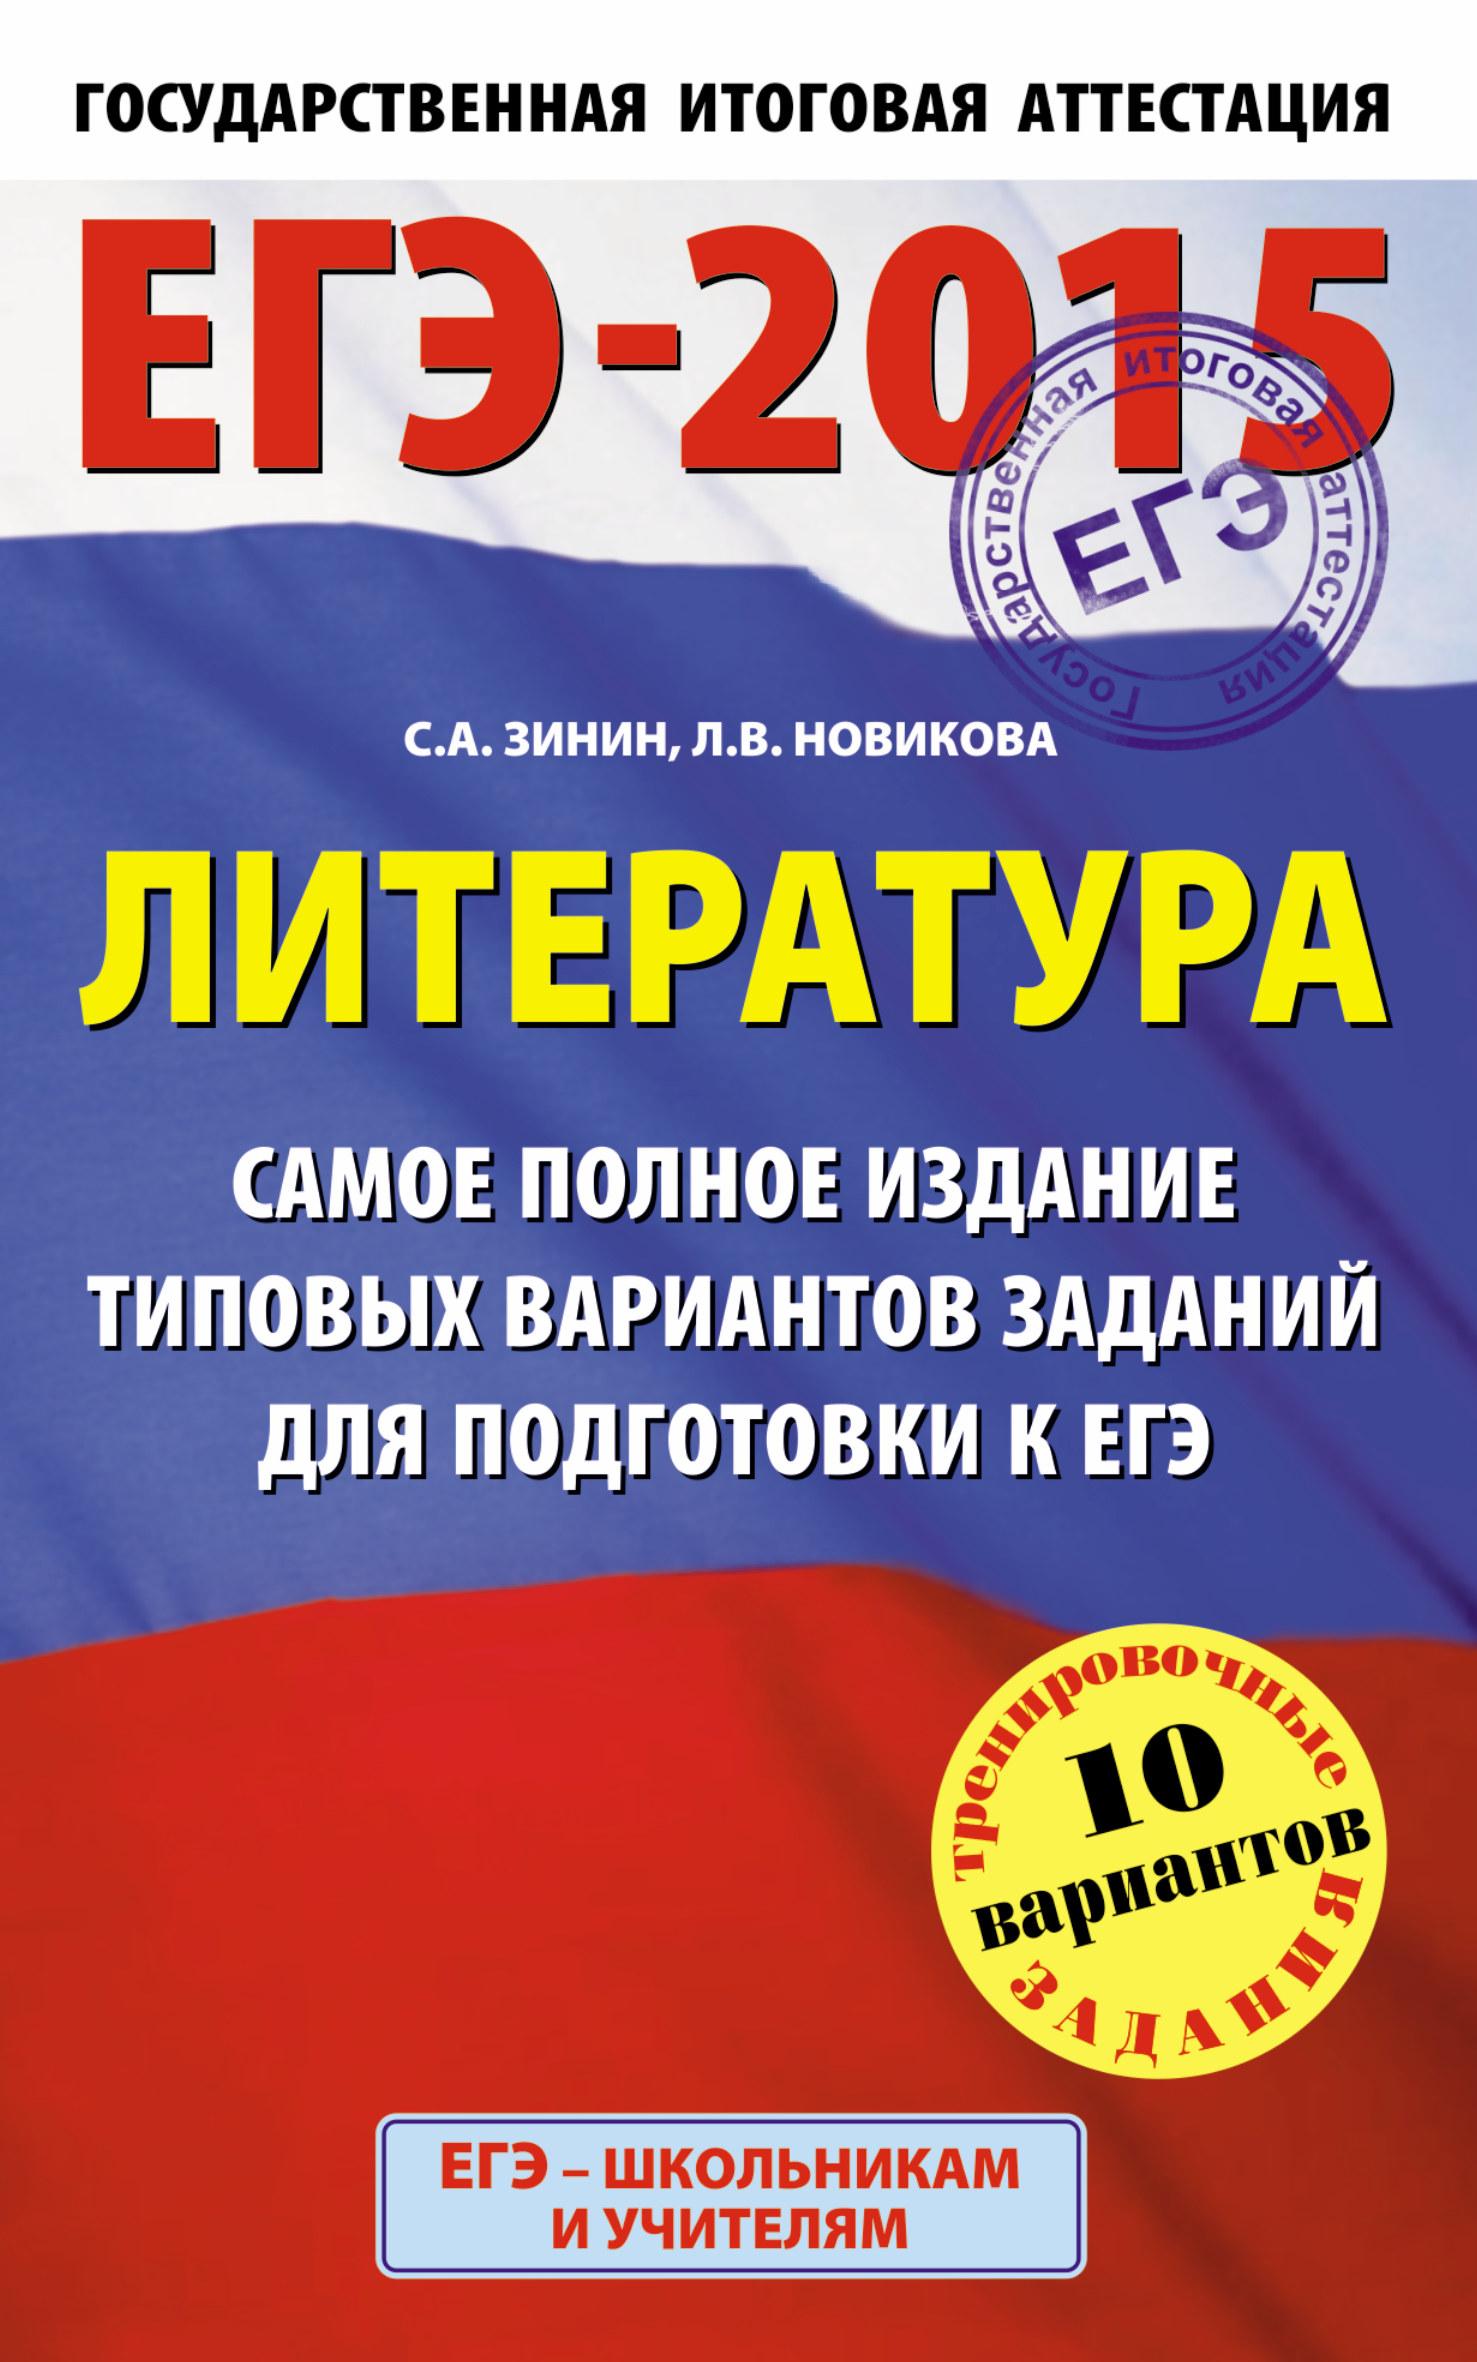 ЕГЭ-2015. Литература. 11 класс. Самое полное издание типовых вариантов заданий